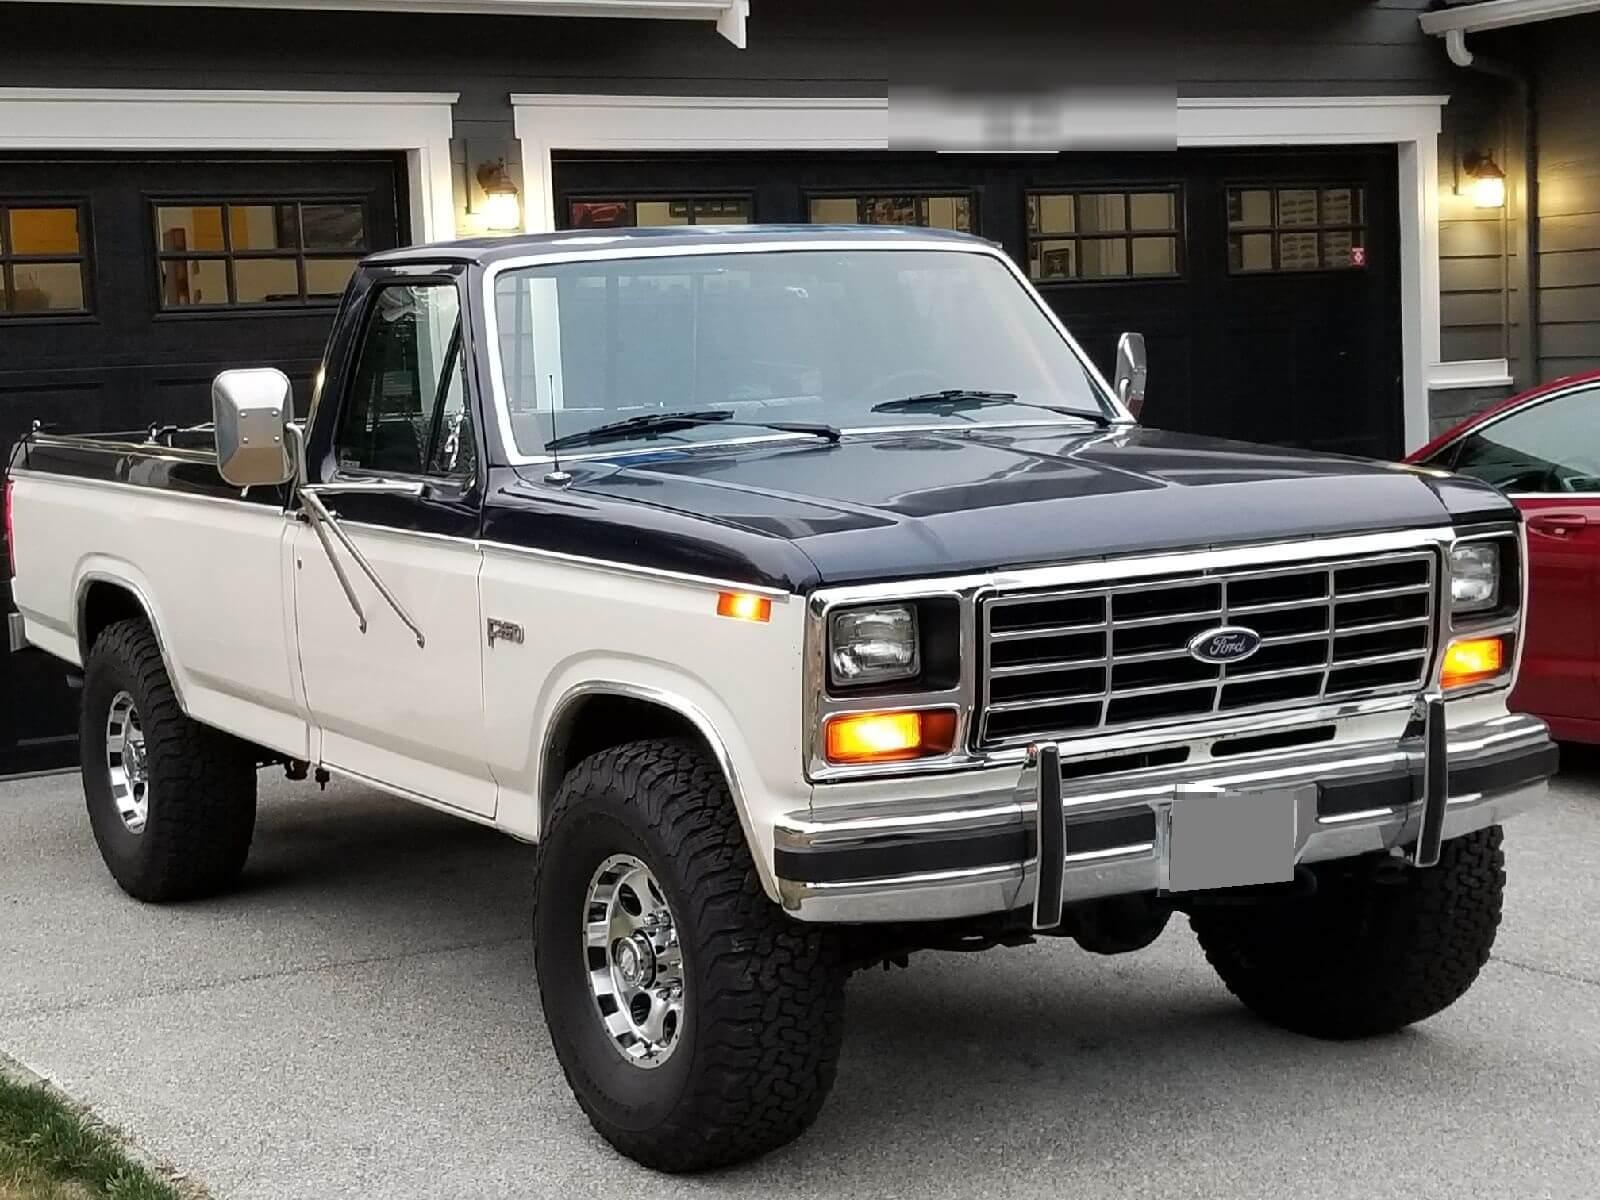 1983 Ford F-350 - Tony G